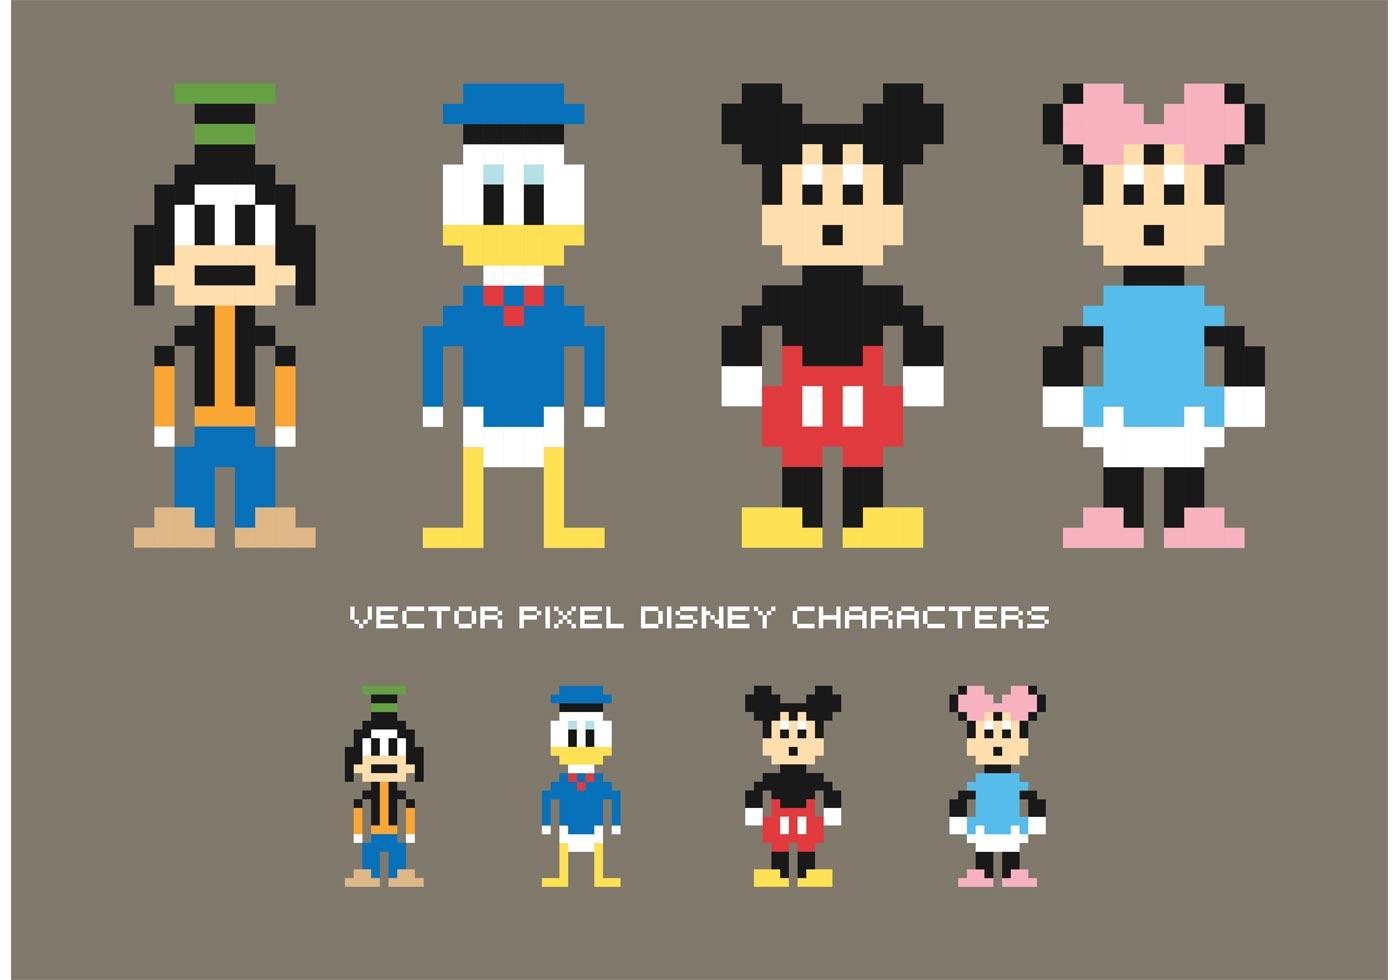 Character Design Pixel Art : Free pixel disney vector characters download